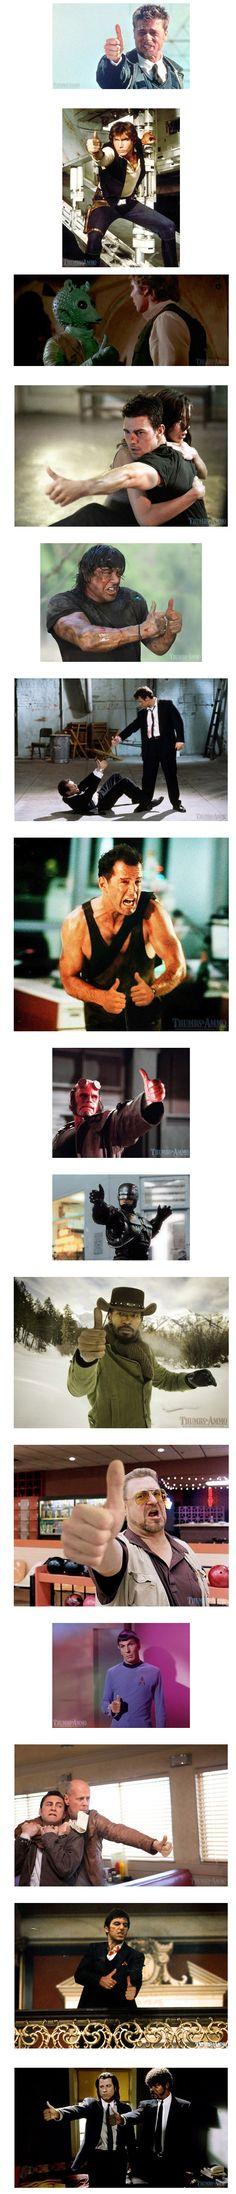 Pistolas en películas reemplazadas por pulgares arriba.